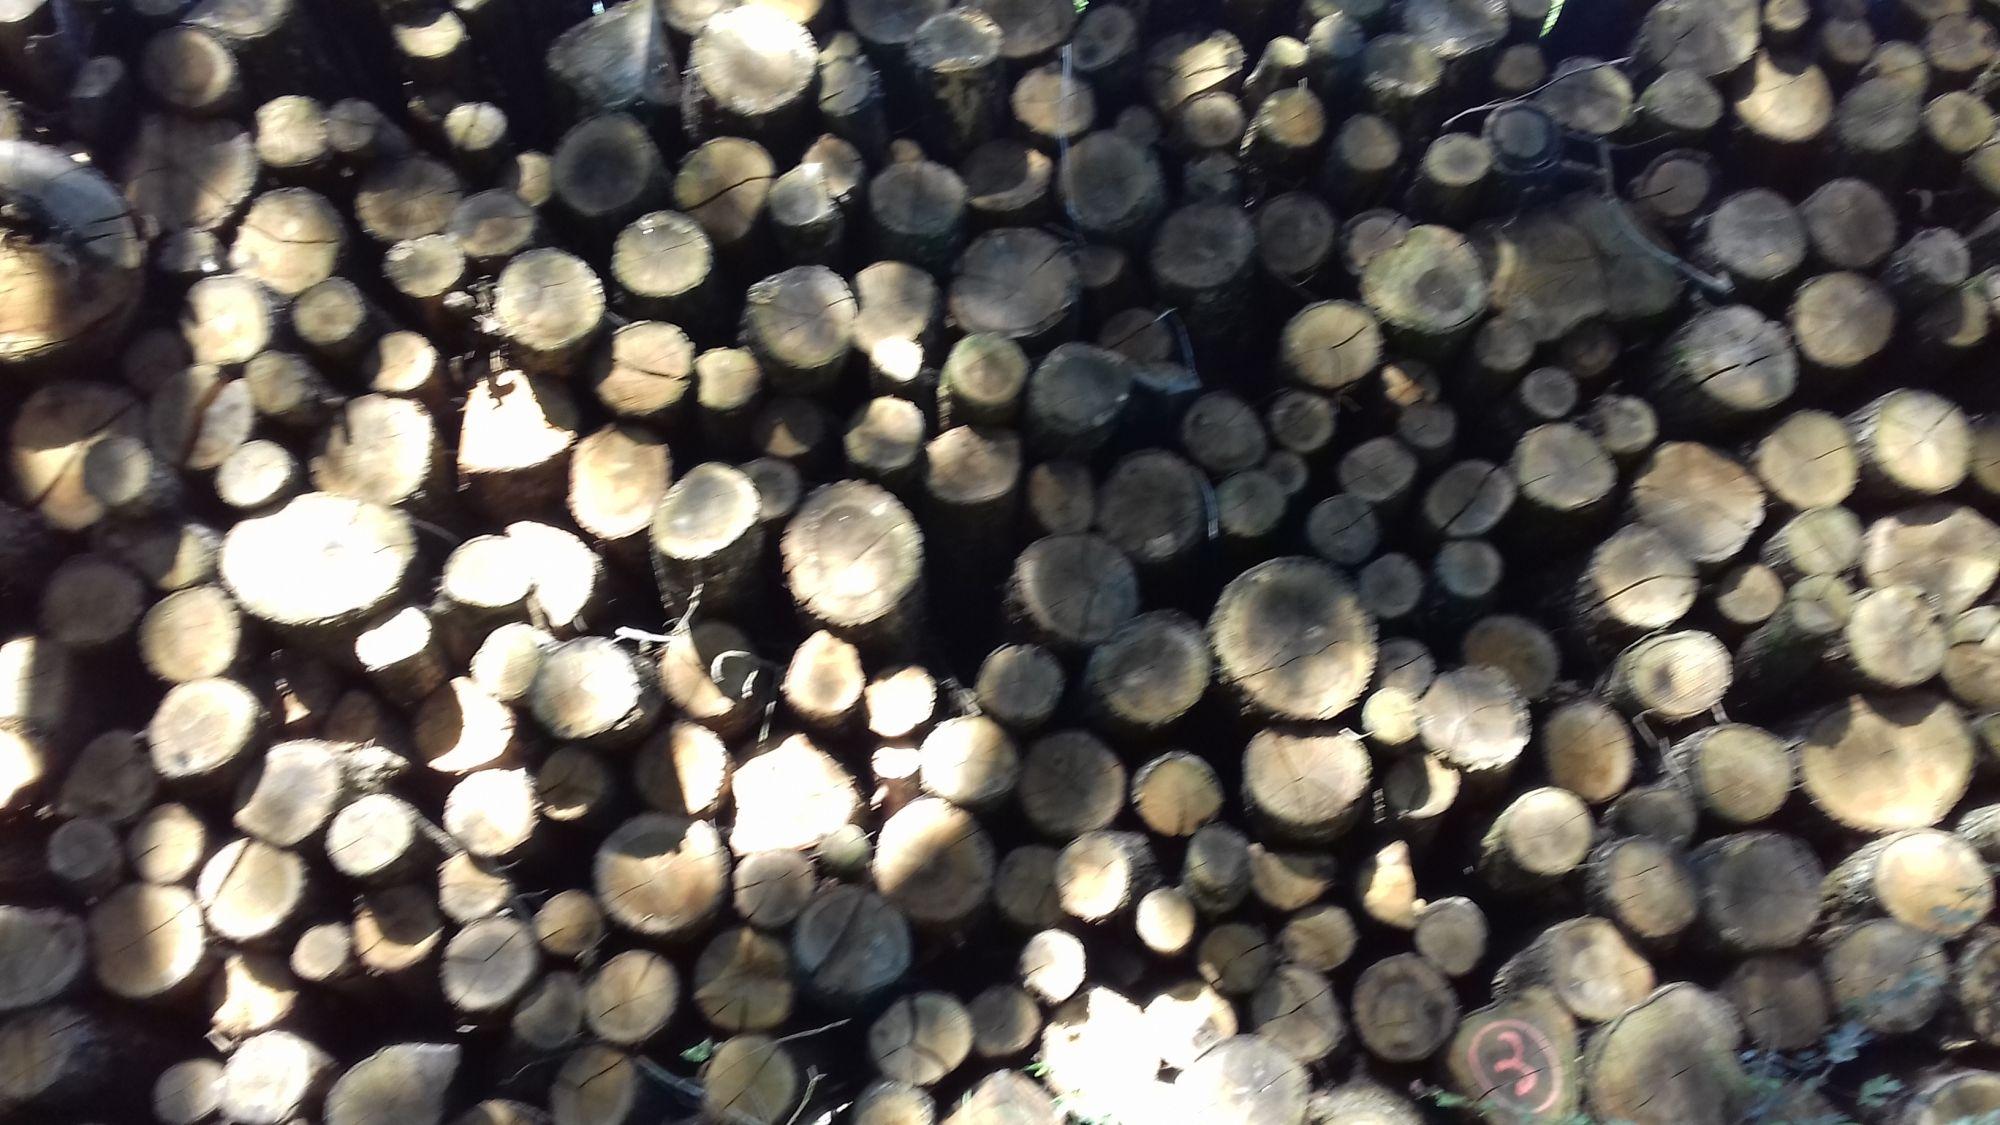 bois de chauffage 77bois de chauffage Seine-et-Marne